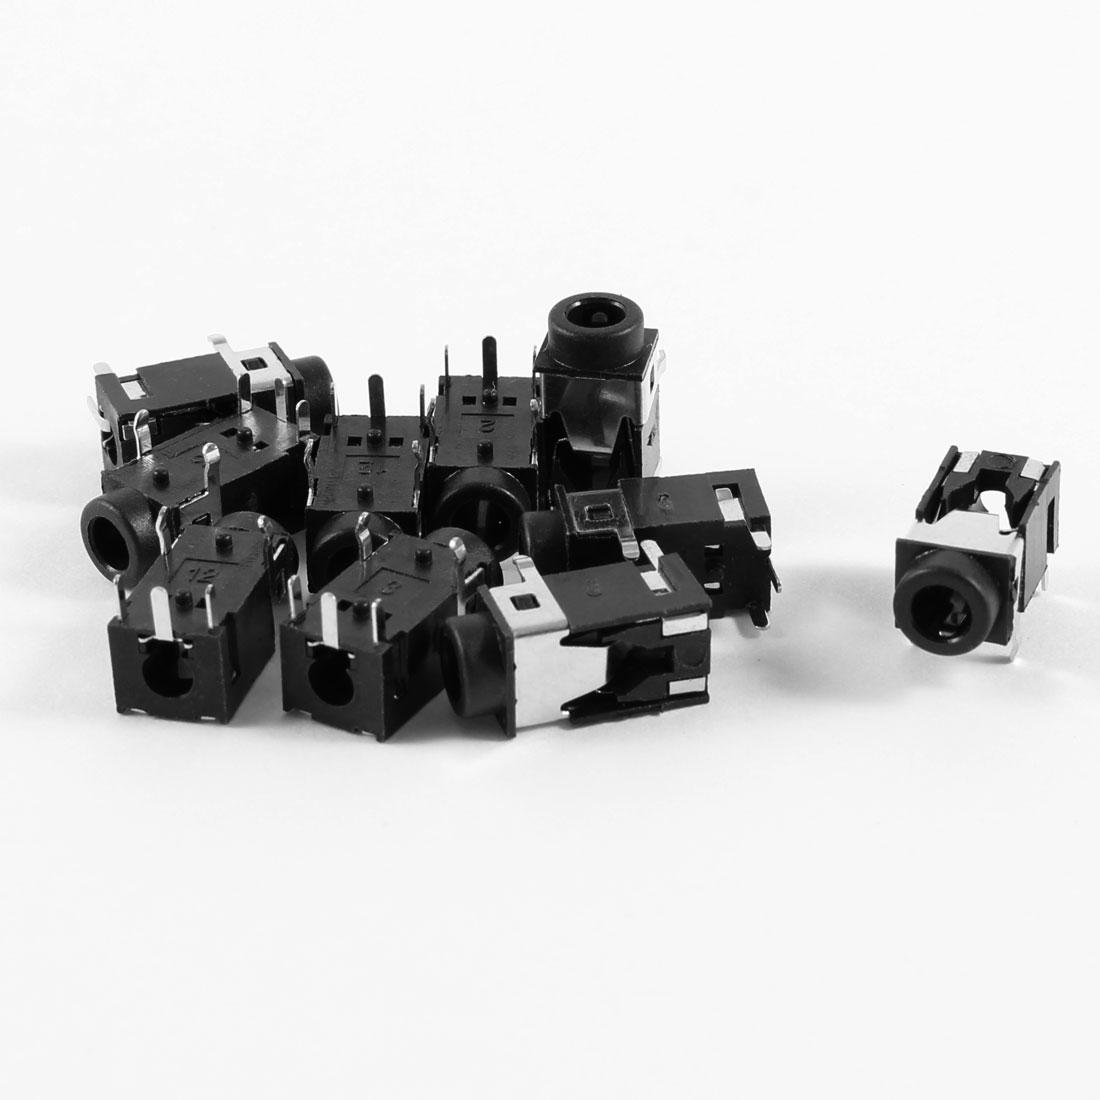 10 Pcs 5 Terminals PCB Mount 3.5mm Jacks Connectors Socket Black